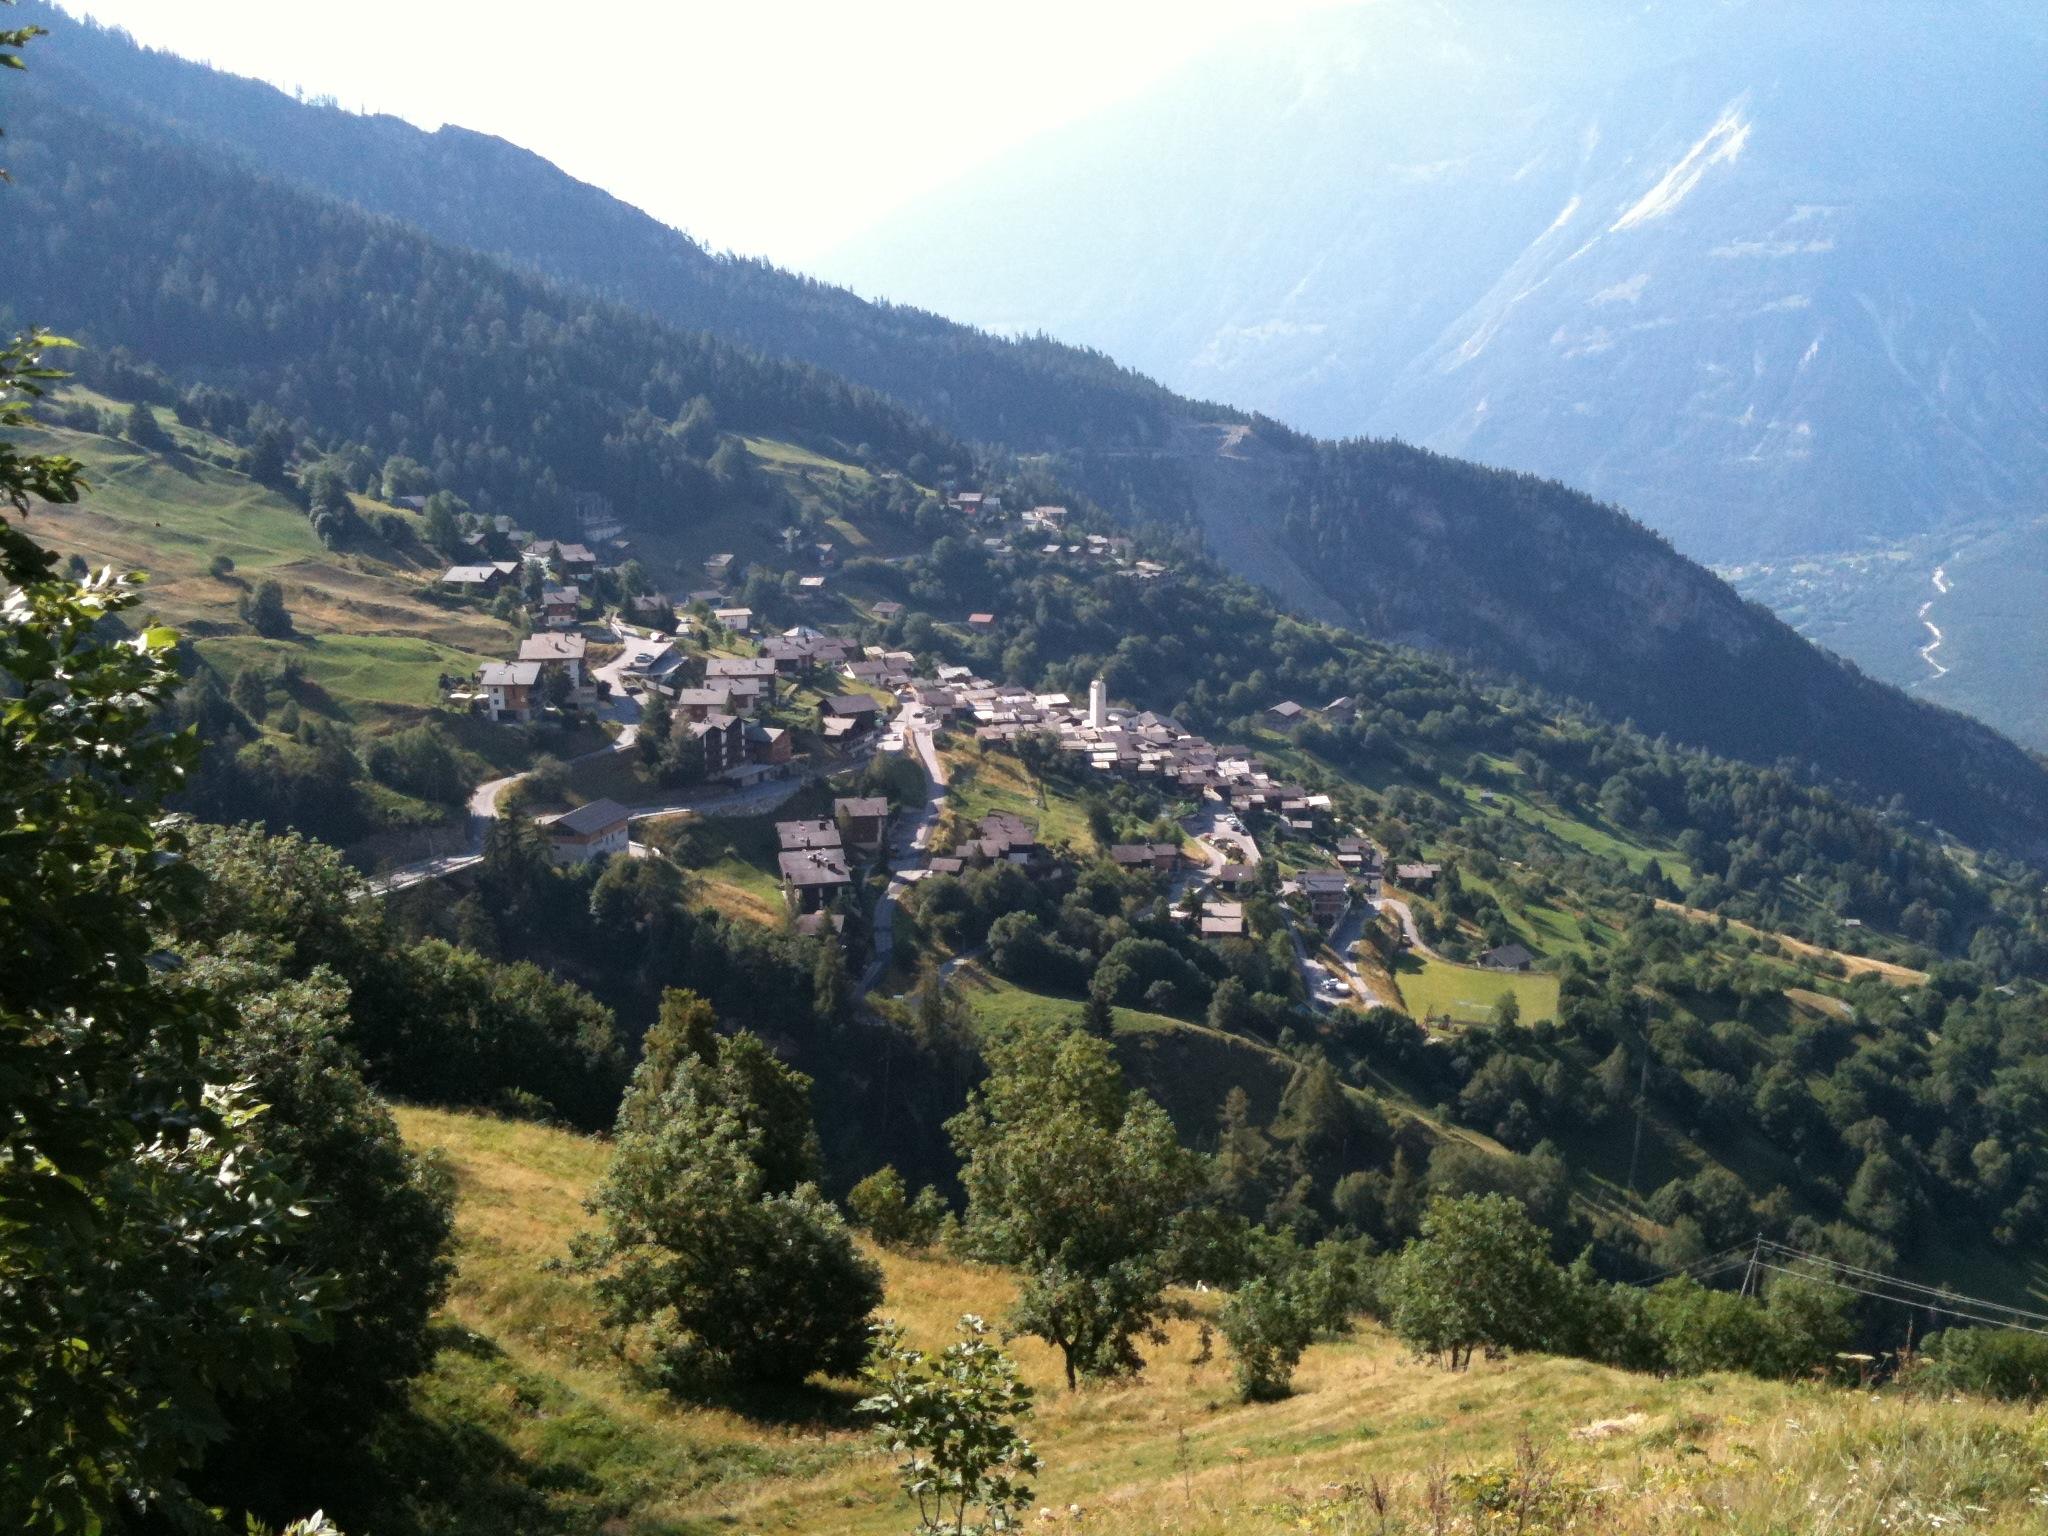 Одна швейцарская деревенька готова заплатить  тыс только за то, чтобы там жили.